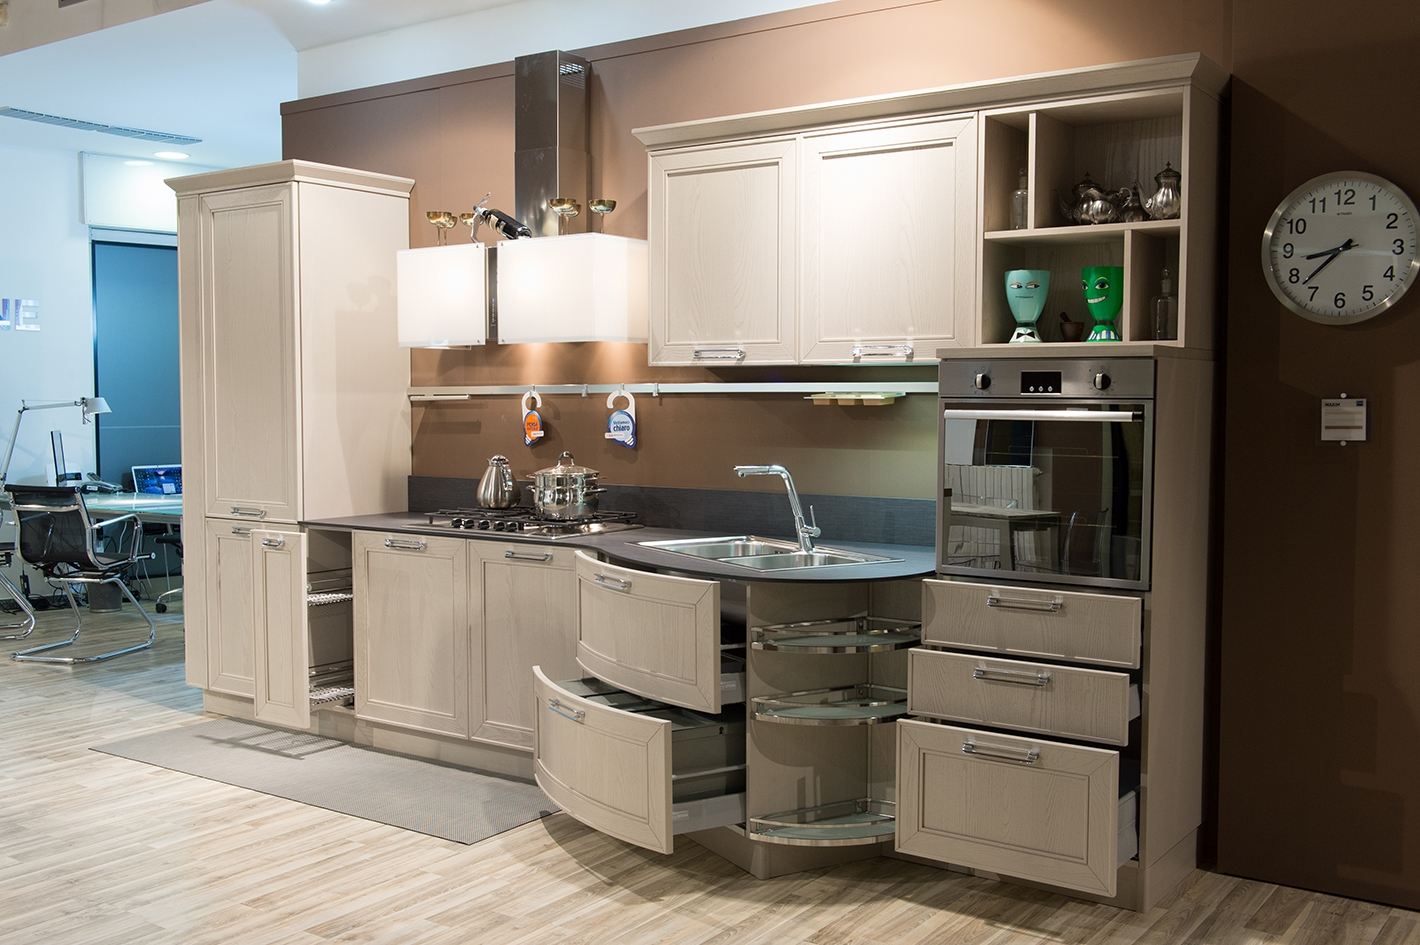 Stosa cucine cucina maxim classica legno cucine a prezzi scontati - Stosa cucine prezzi ...